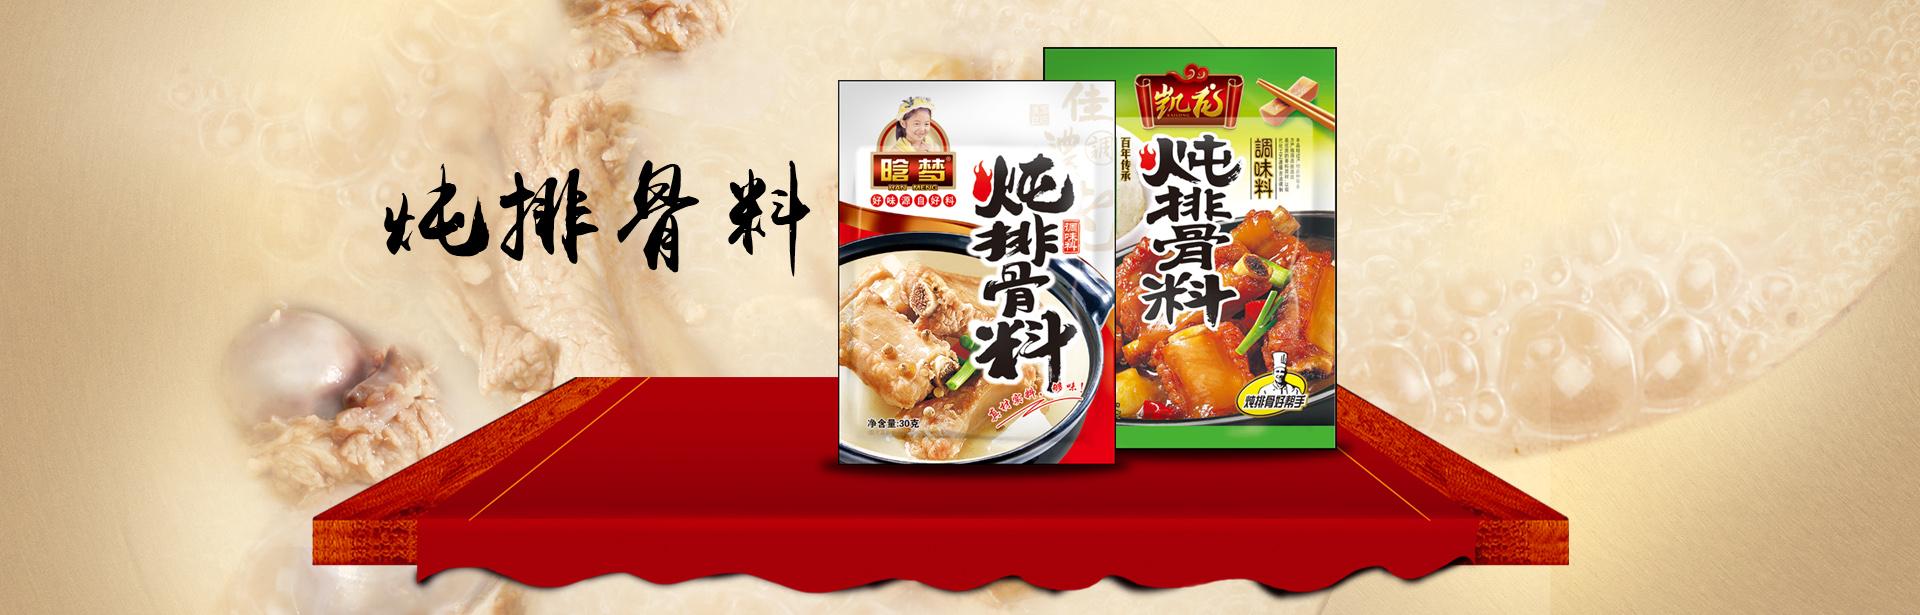 河南调味料|郑州调料|郑州调味料厂家